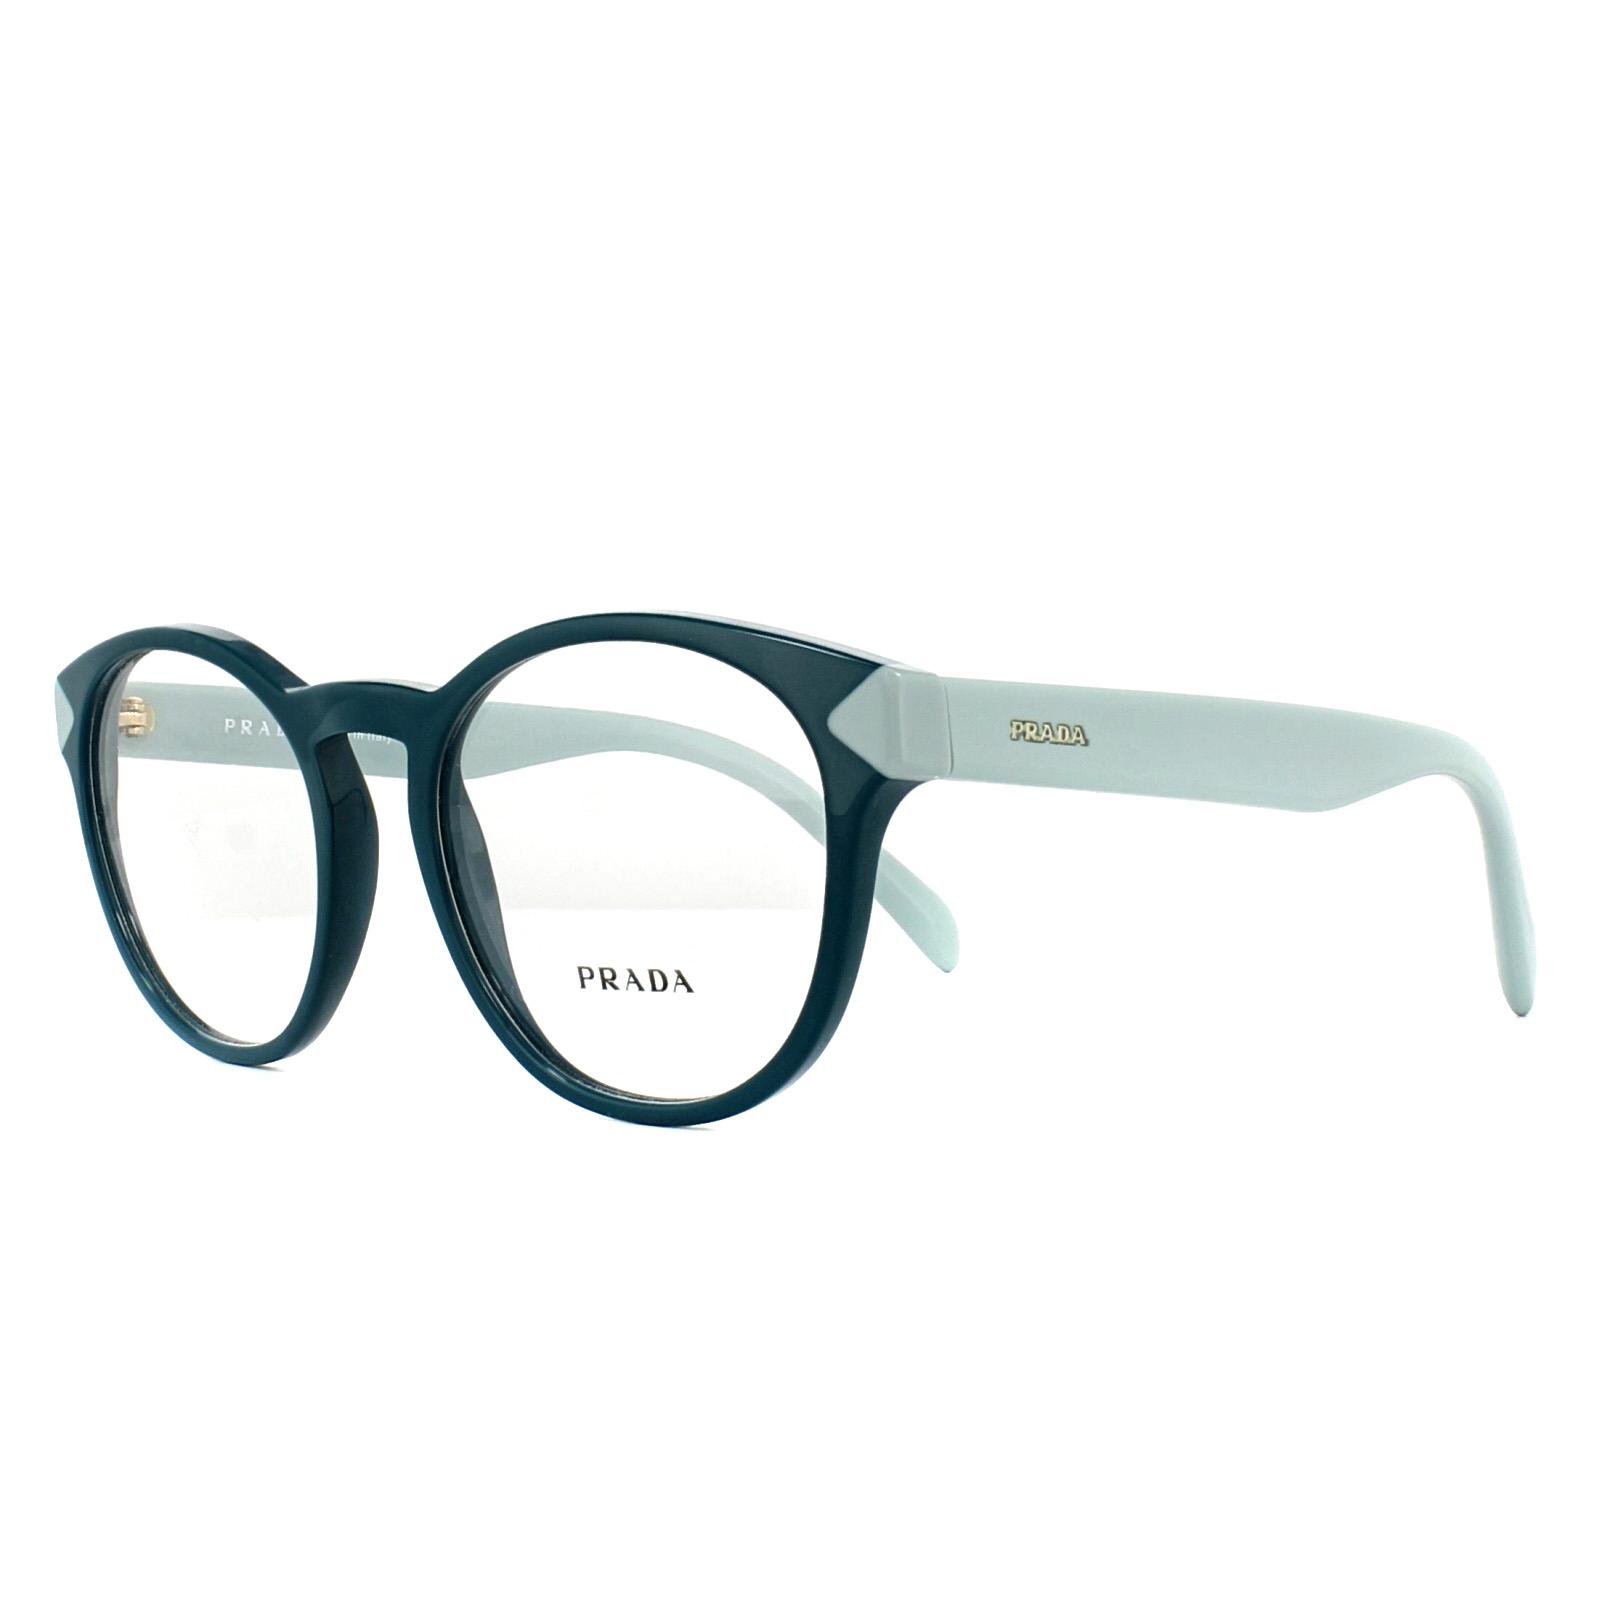 8616cdbaf59 Prada Glasses Frames PR16TV VIO1O1 Green 50mm Womens 8053672746174 ...